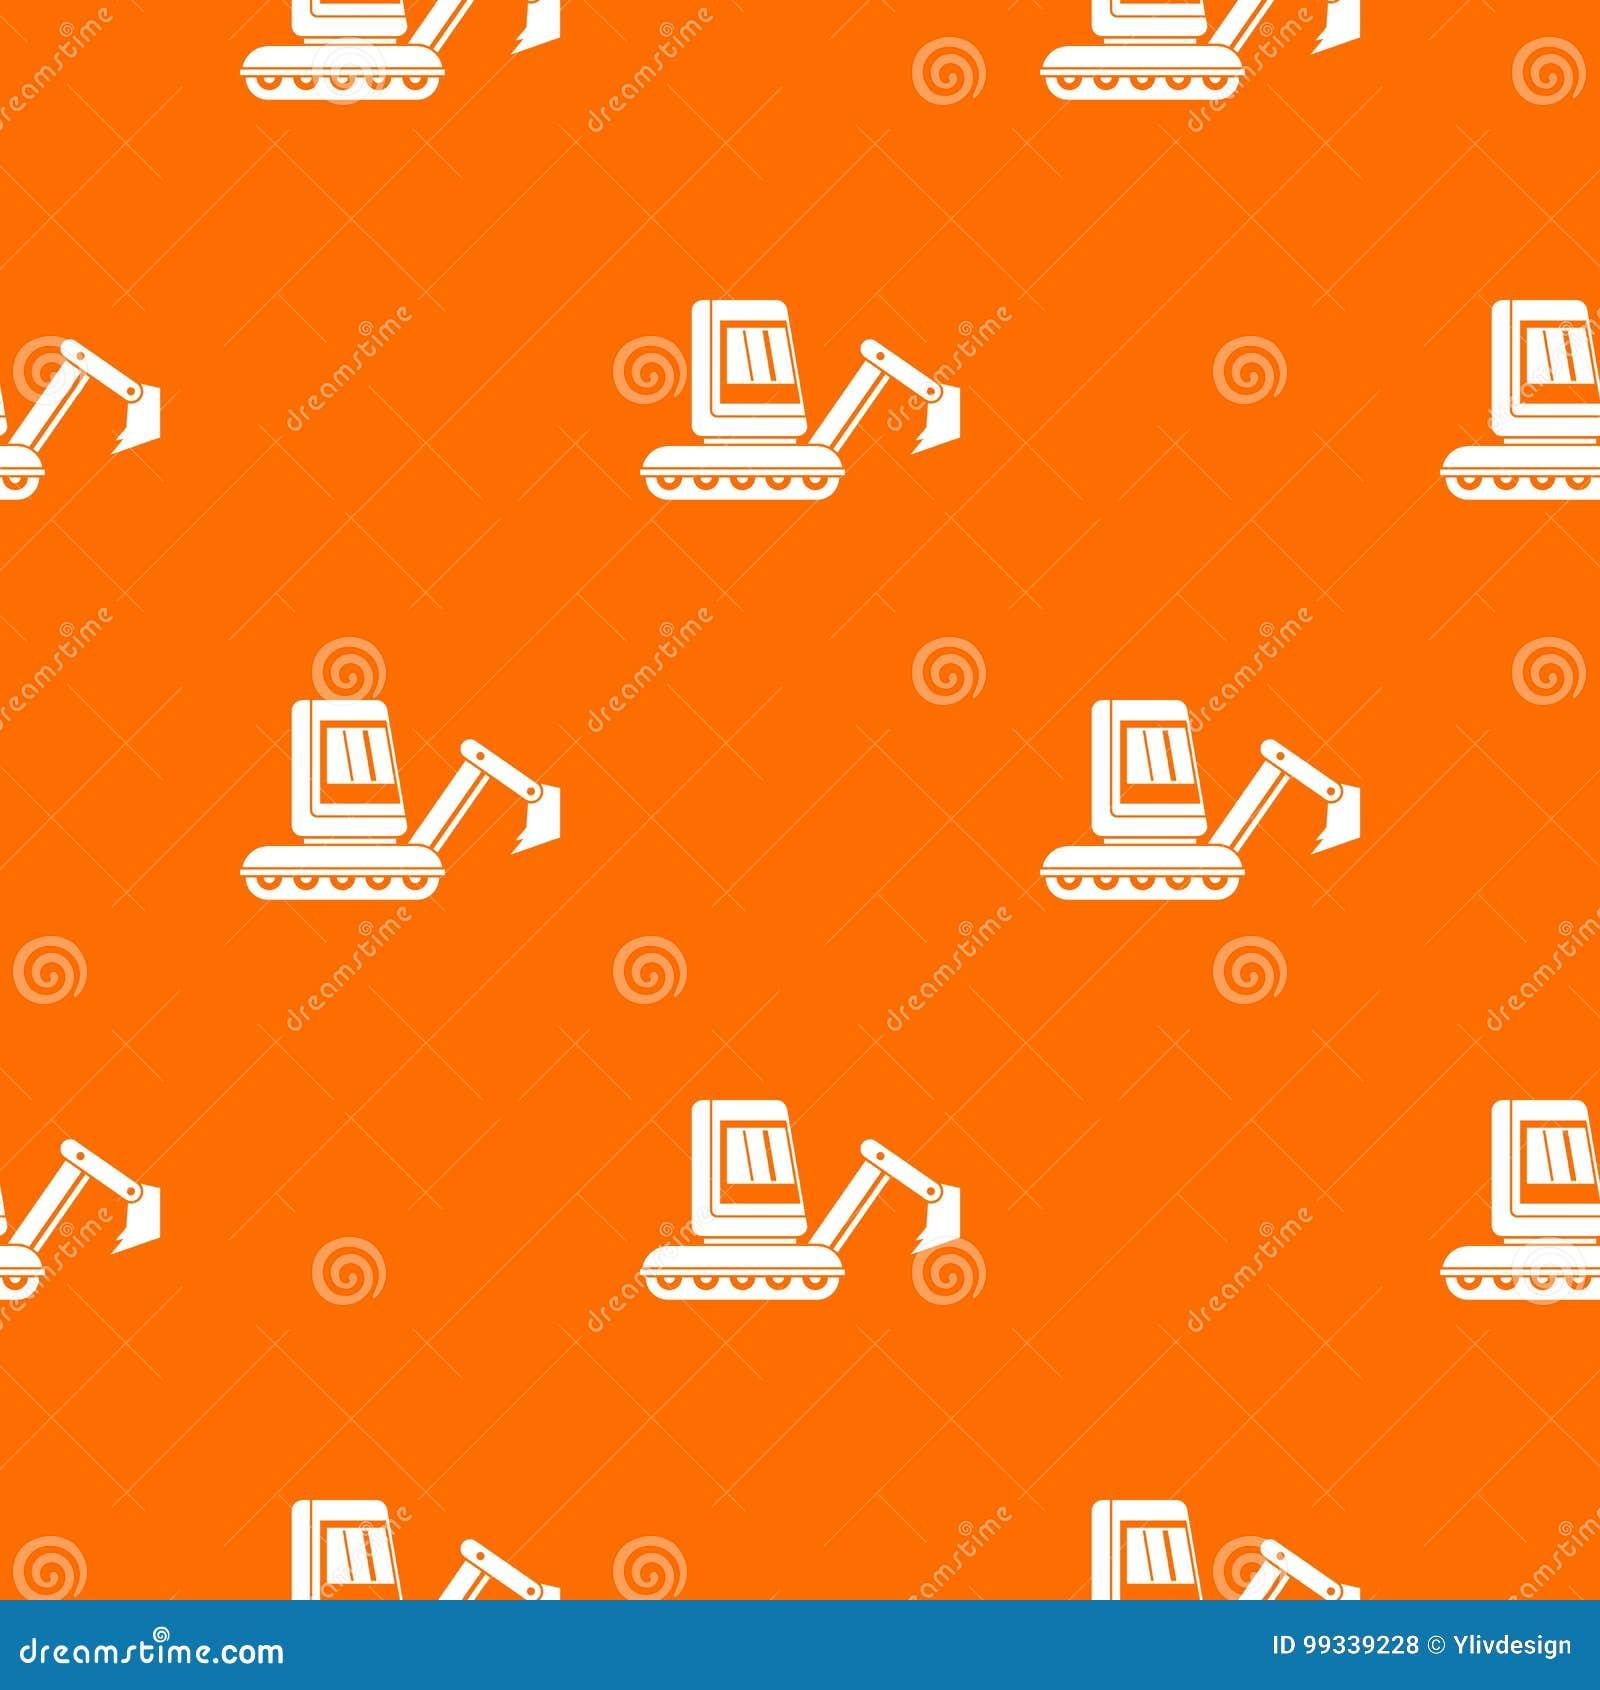 Mini Excavator Pattern Seamless Stock Vector Illustration Of